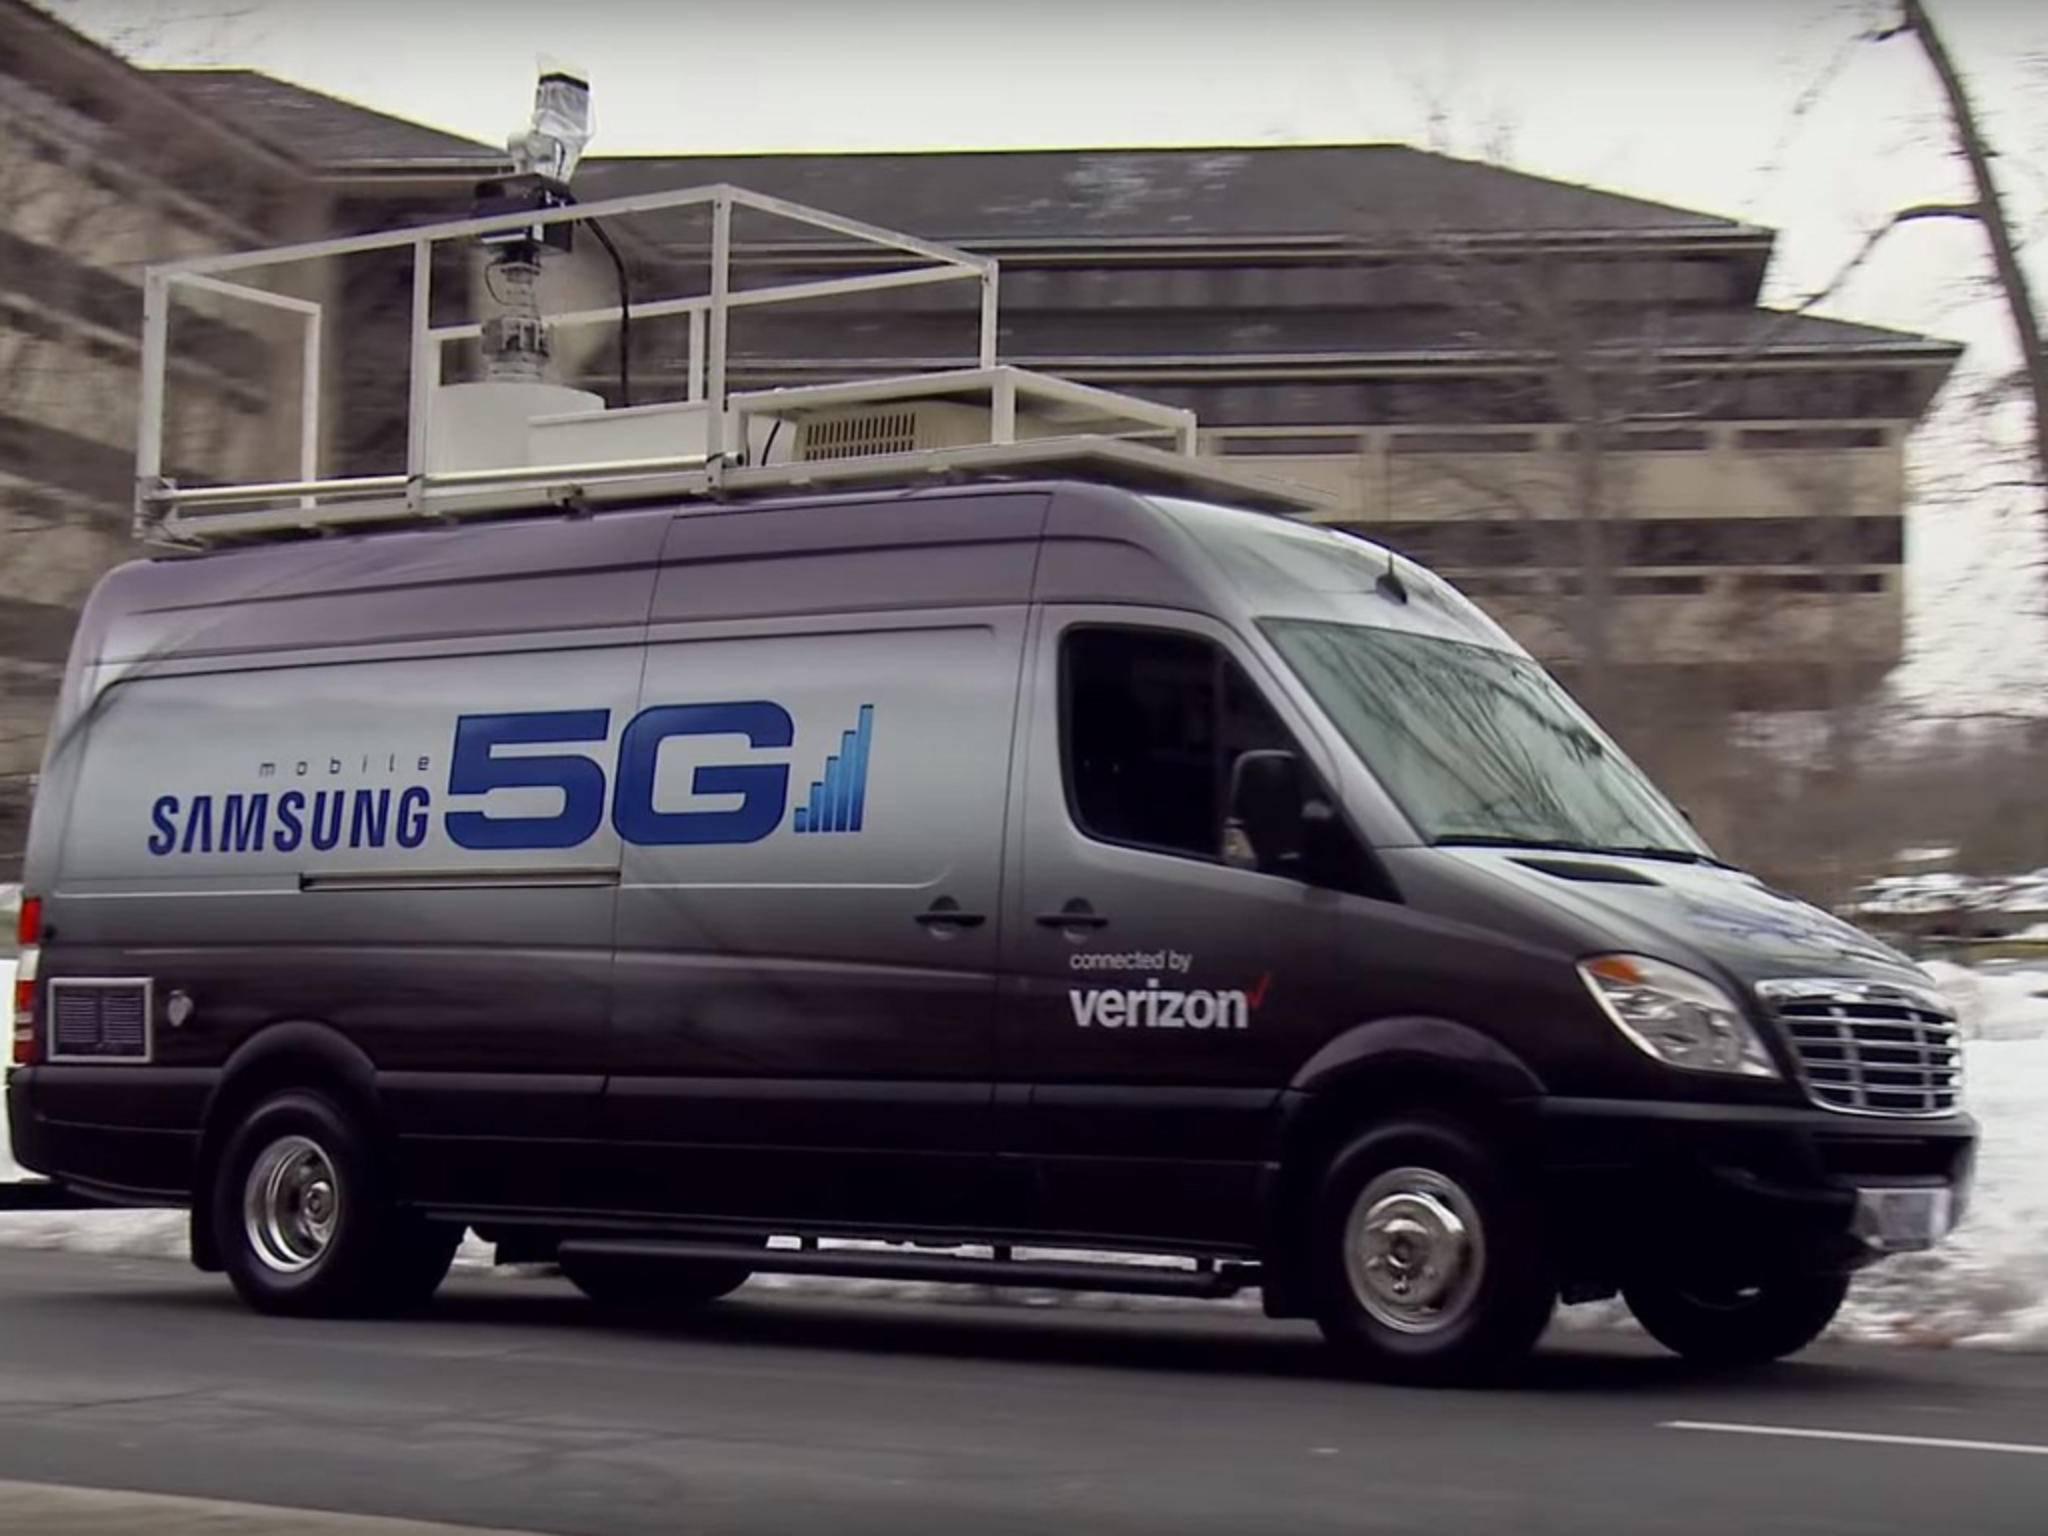 Samsung gehört zu den Vorreitern bei 5G-Übertragungen.